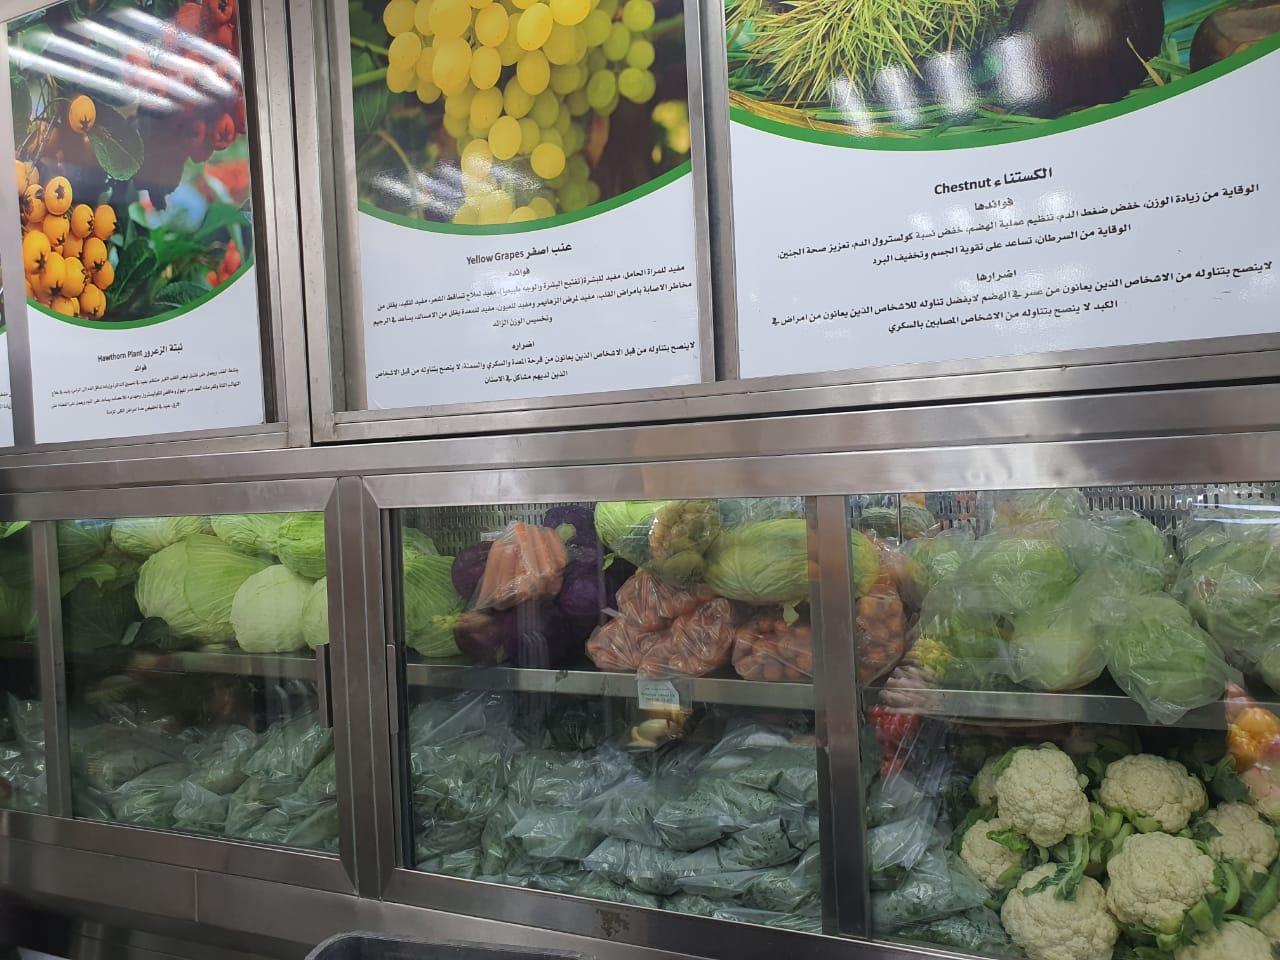 شركة خيرات لبنان تقدم أفضل الخضار والفواكه في الإمارات